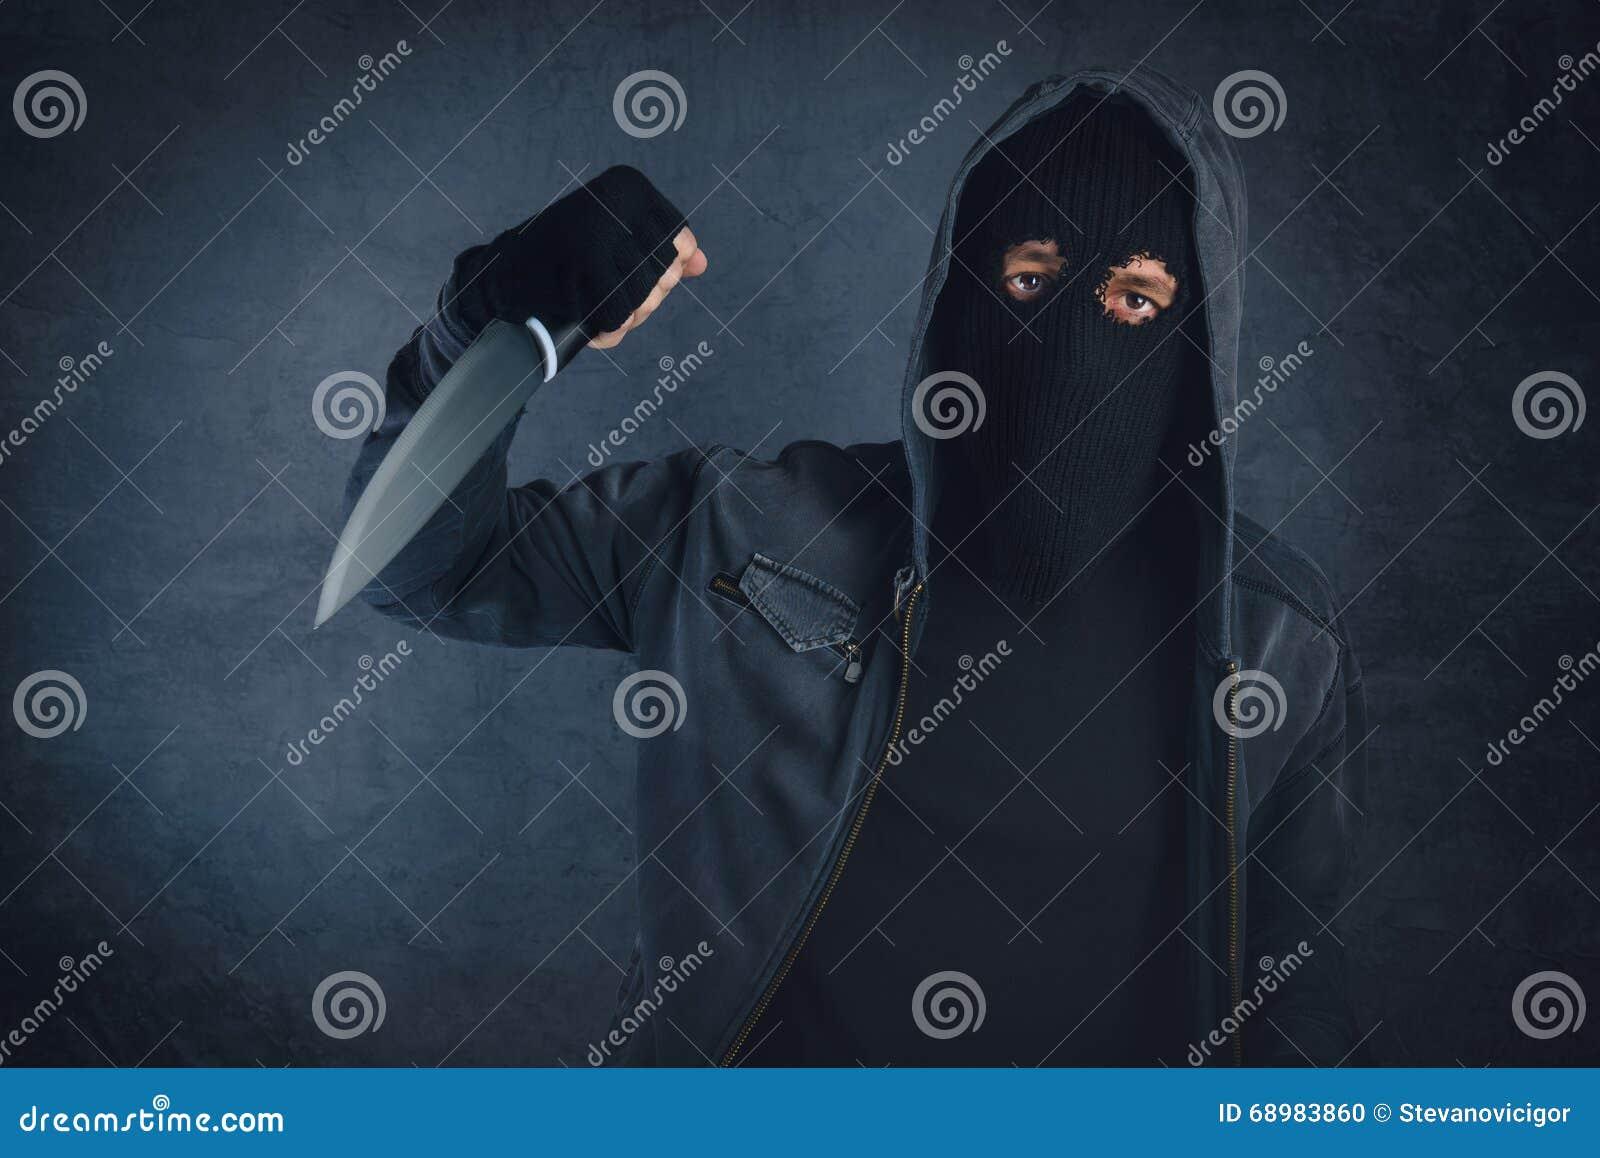 Преступник при острый нож threating, точка зрения жертвы